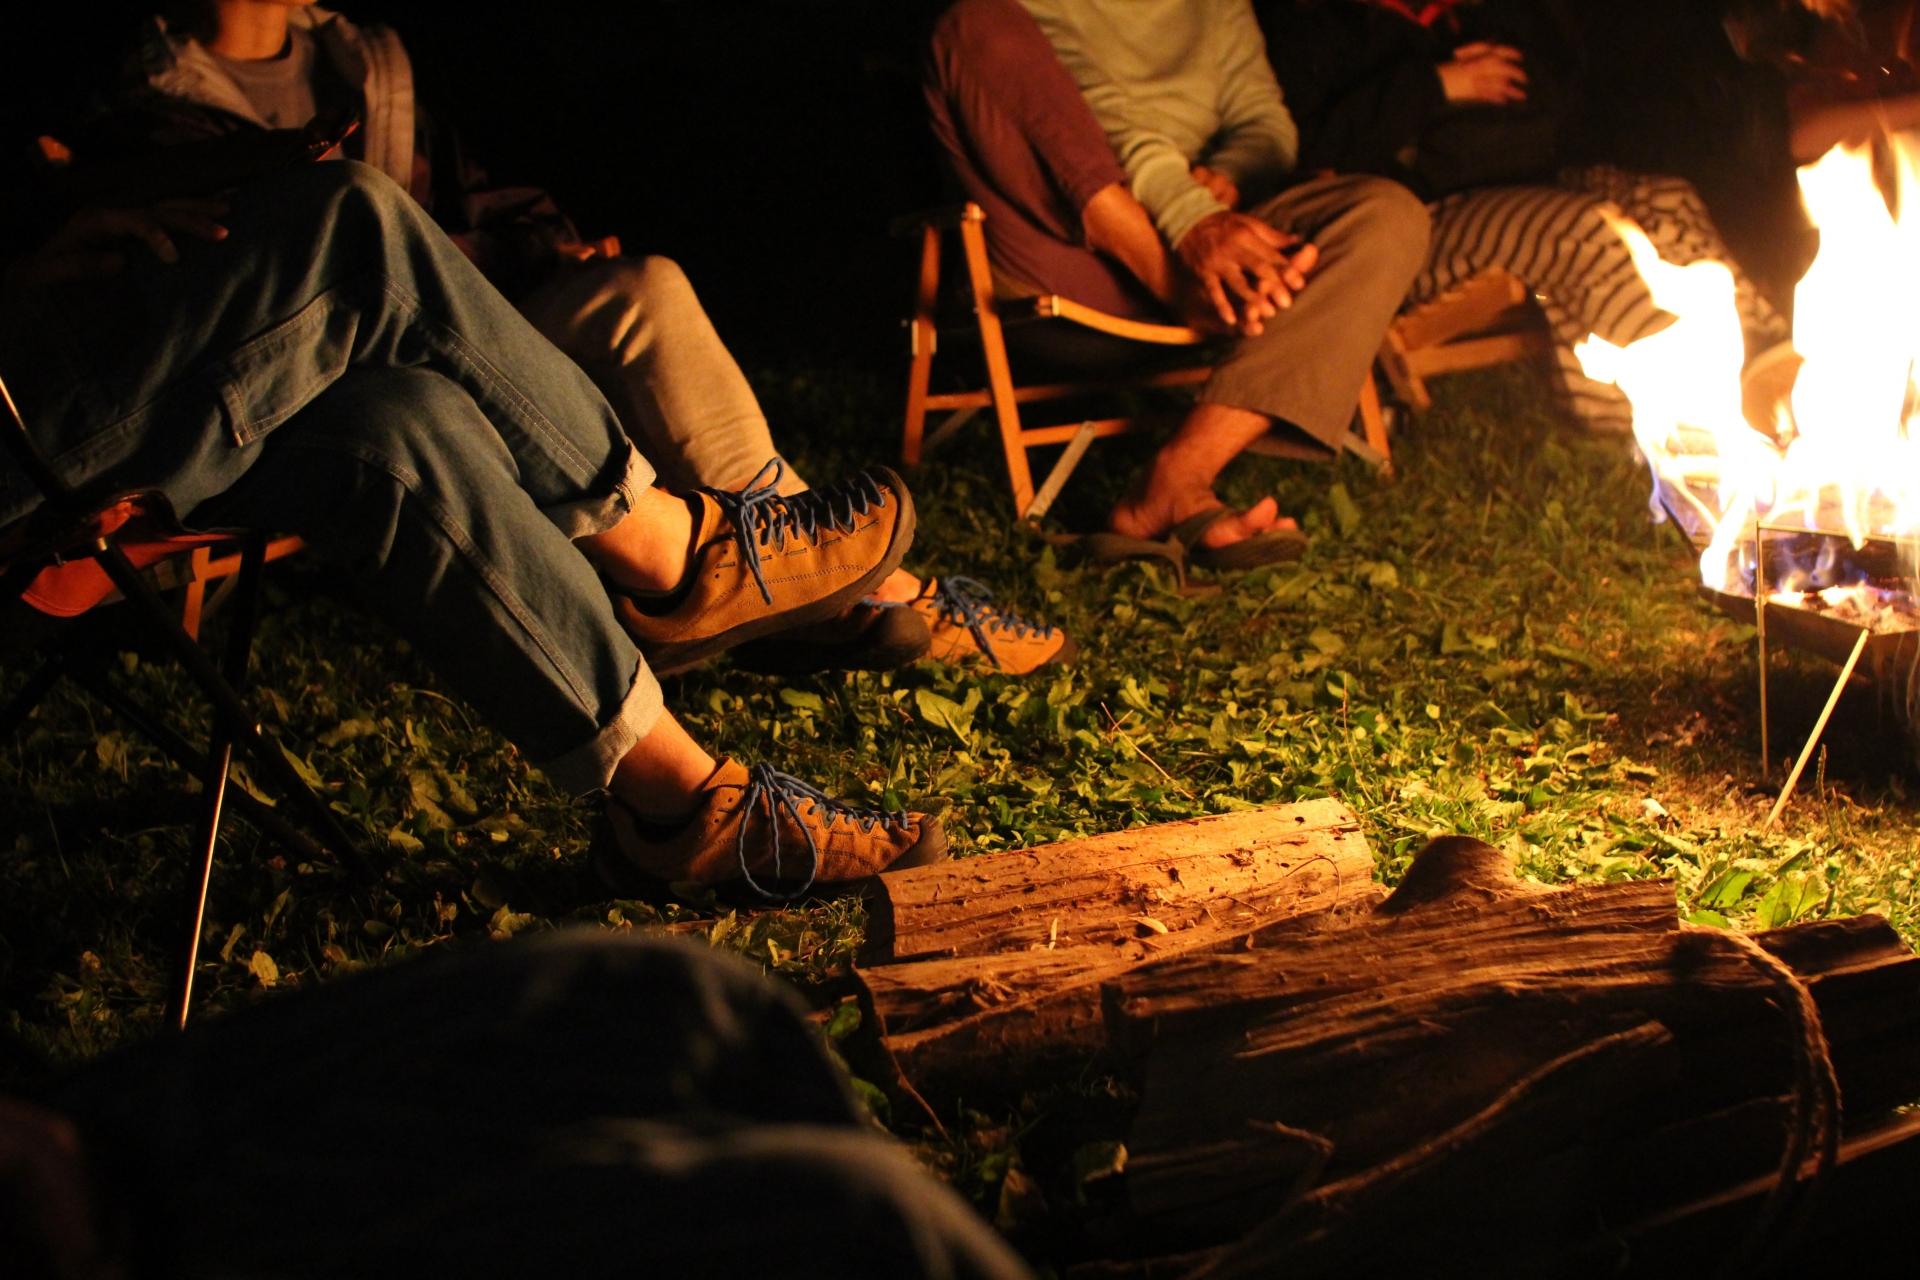 【2020年秋冬】焚き火キャンプにおすすめの難燃性アウトドアウェアまとめ【ジャケット・パンツ他】